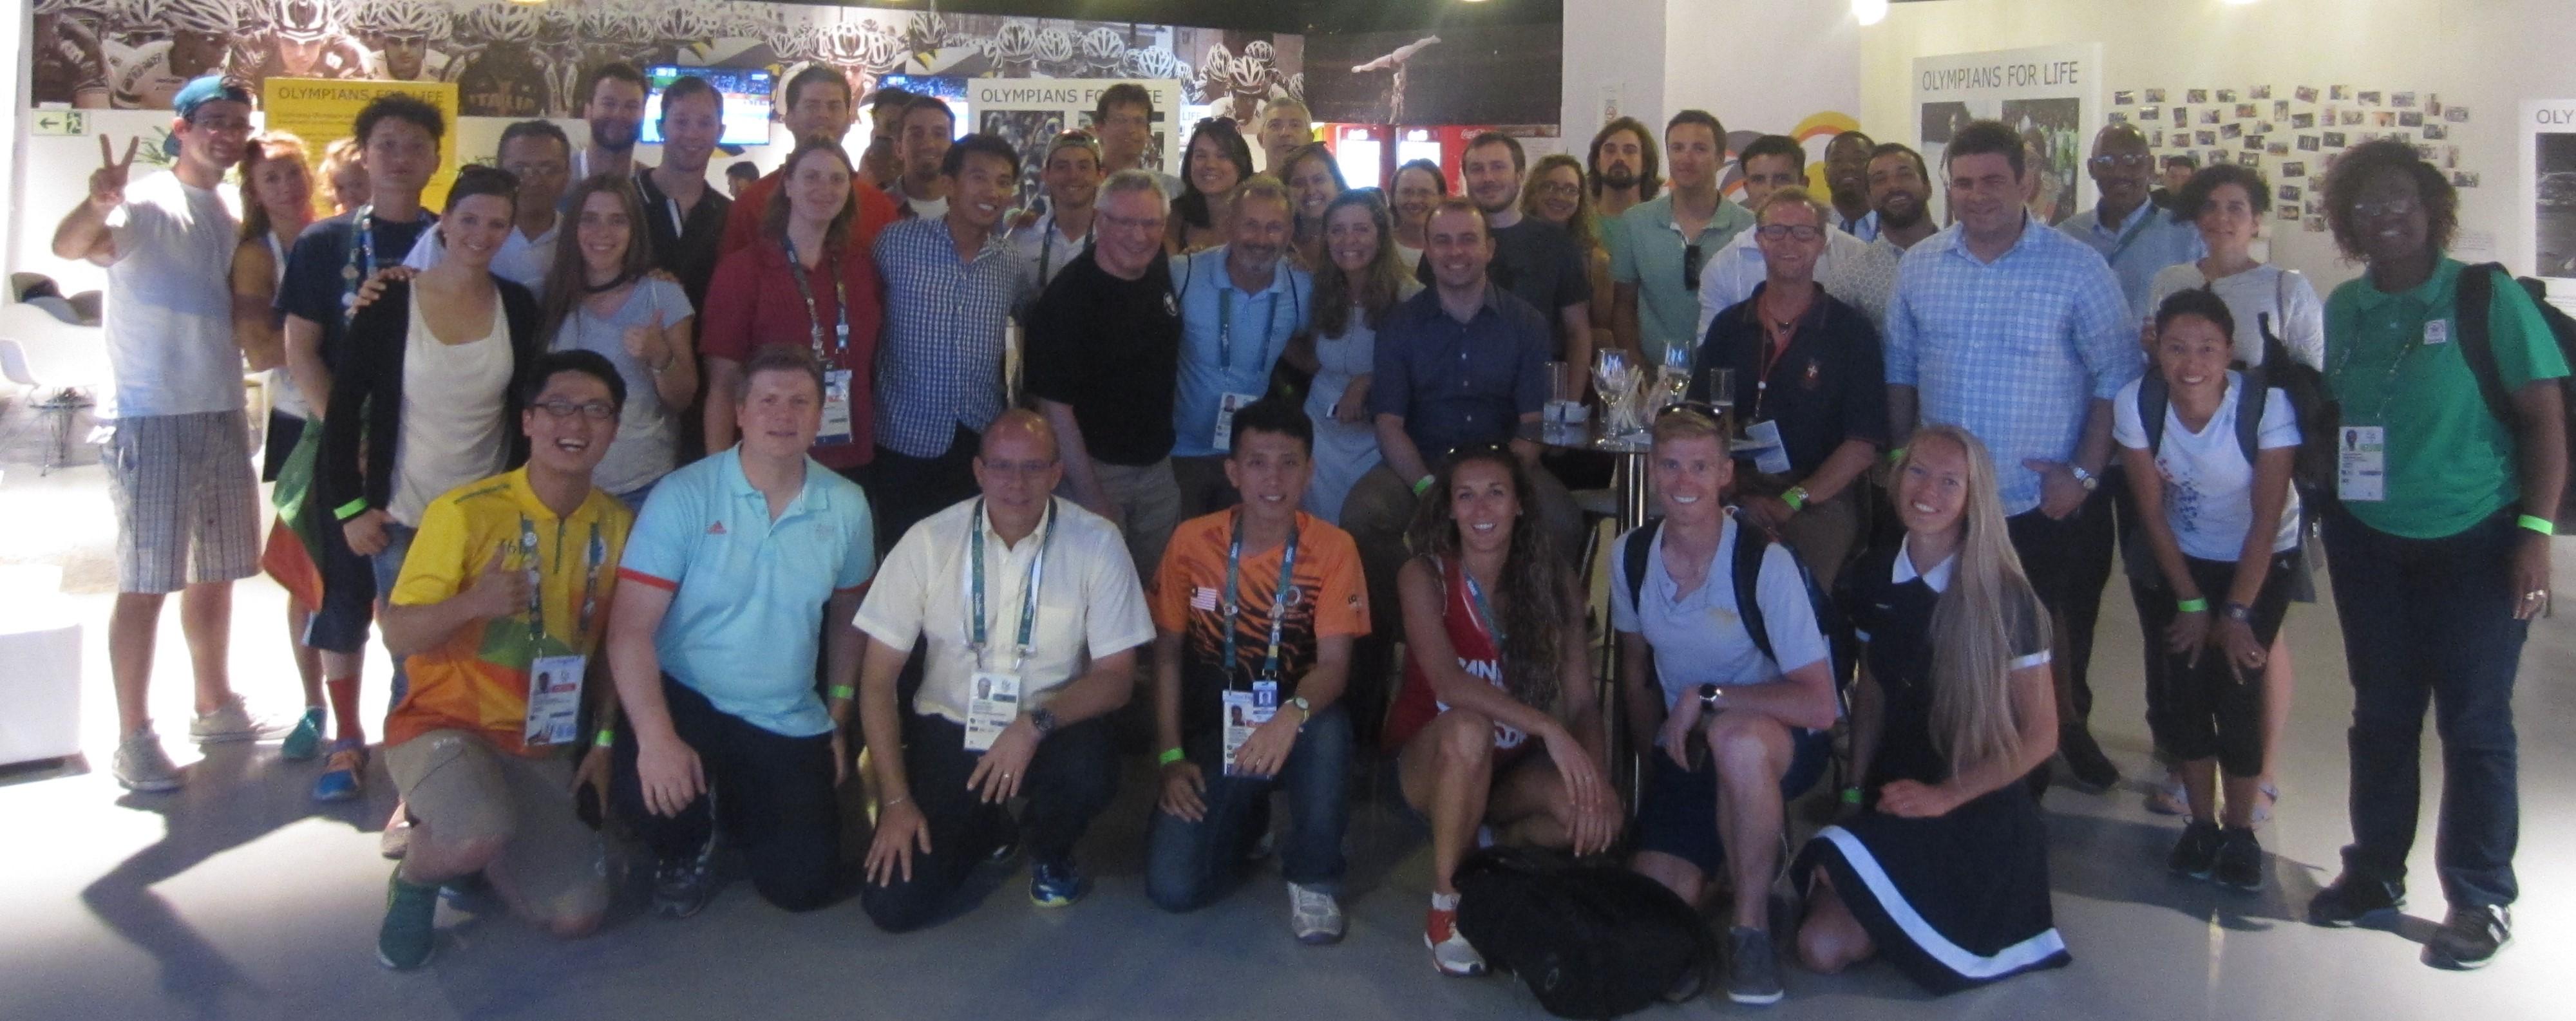 2018 IOAPA Reunion in PyeongChang